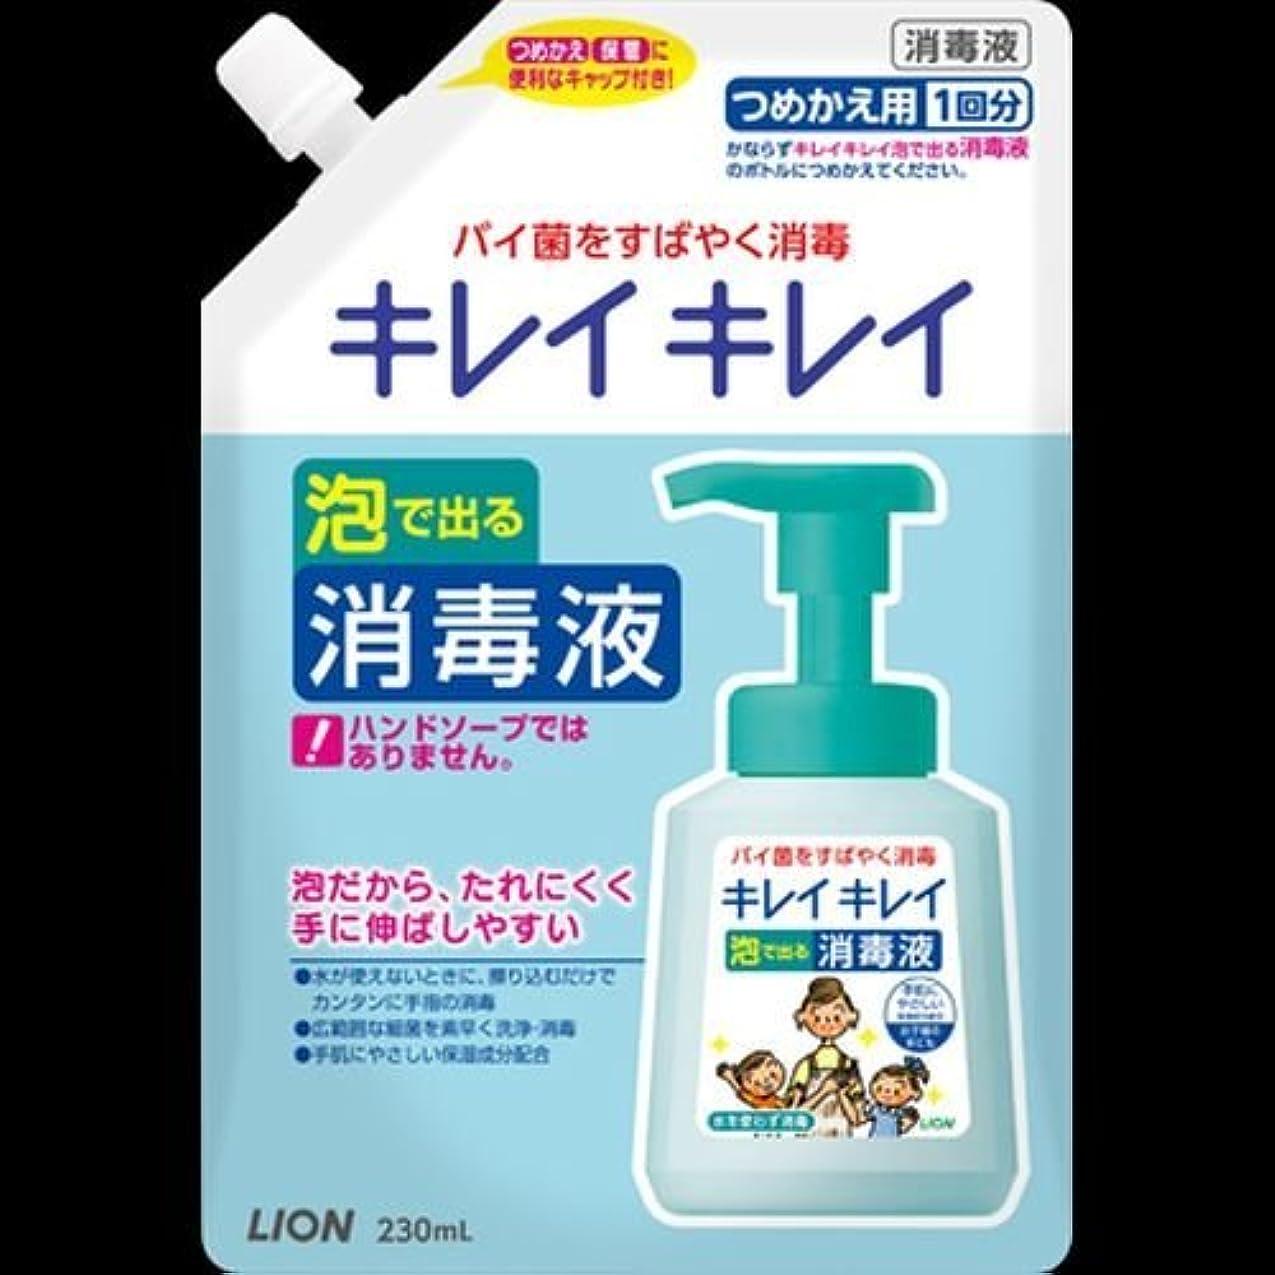 しみ収益強化するキレイキレイ 薬用泡ででる消毒液 つめかえ用 230mL ×2セット